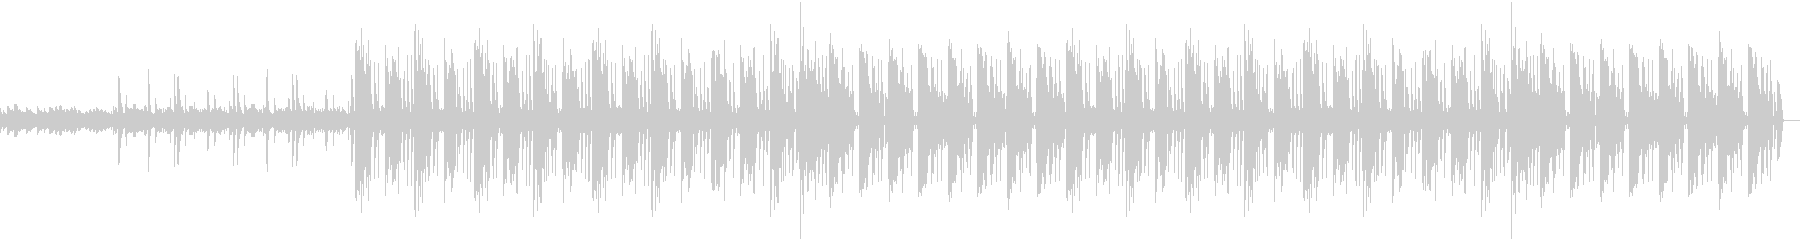 キーボードとリズムマシーンによる曲の未再生の波形